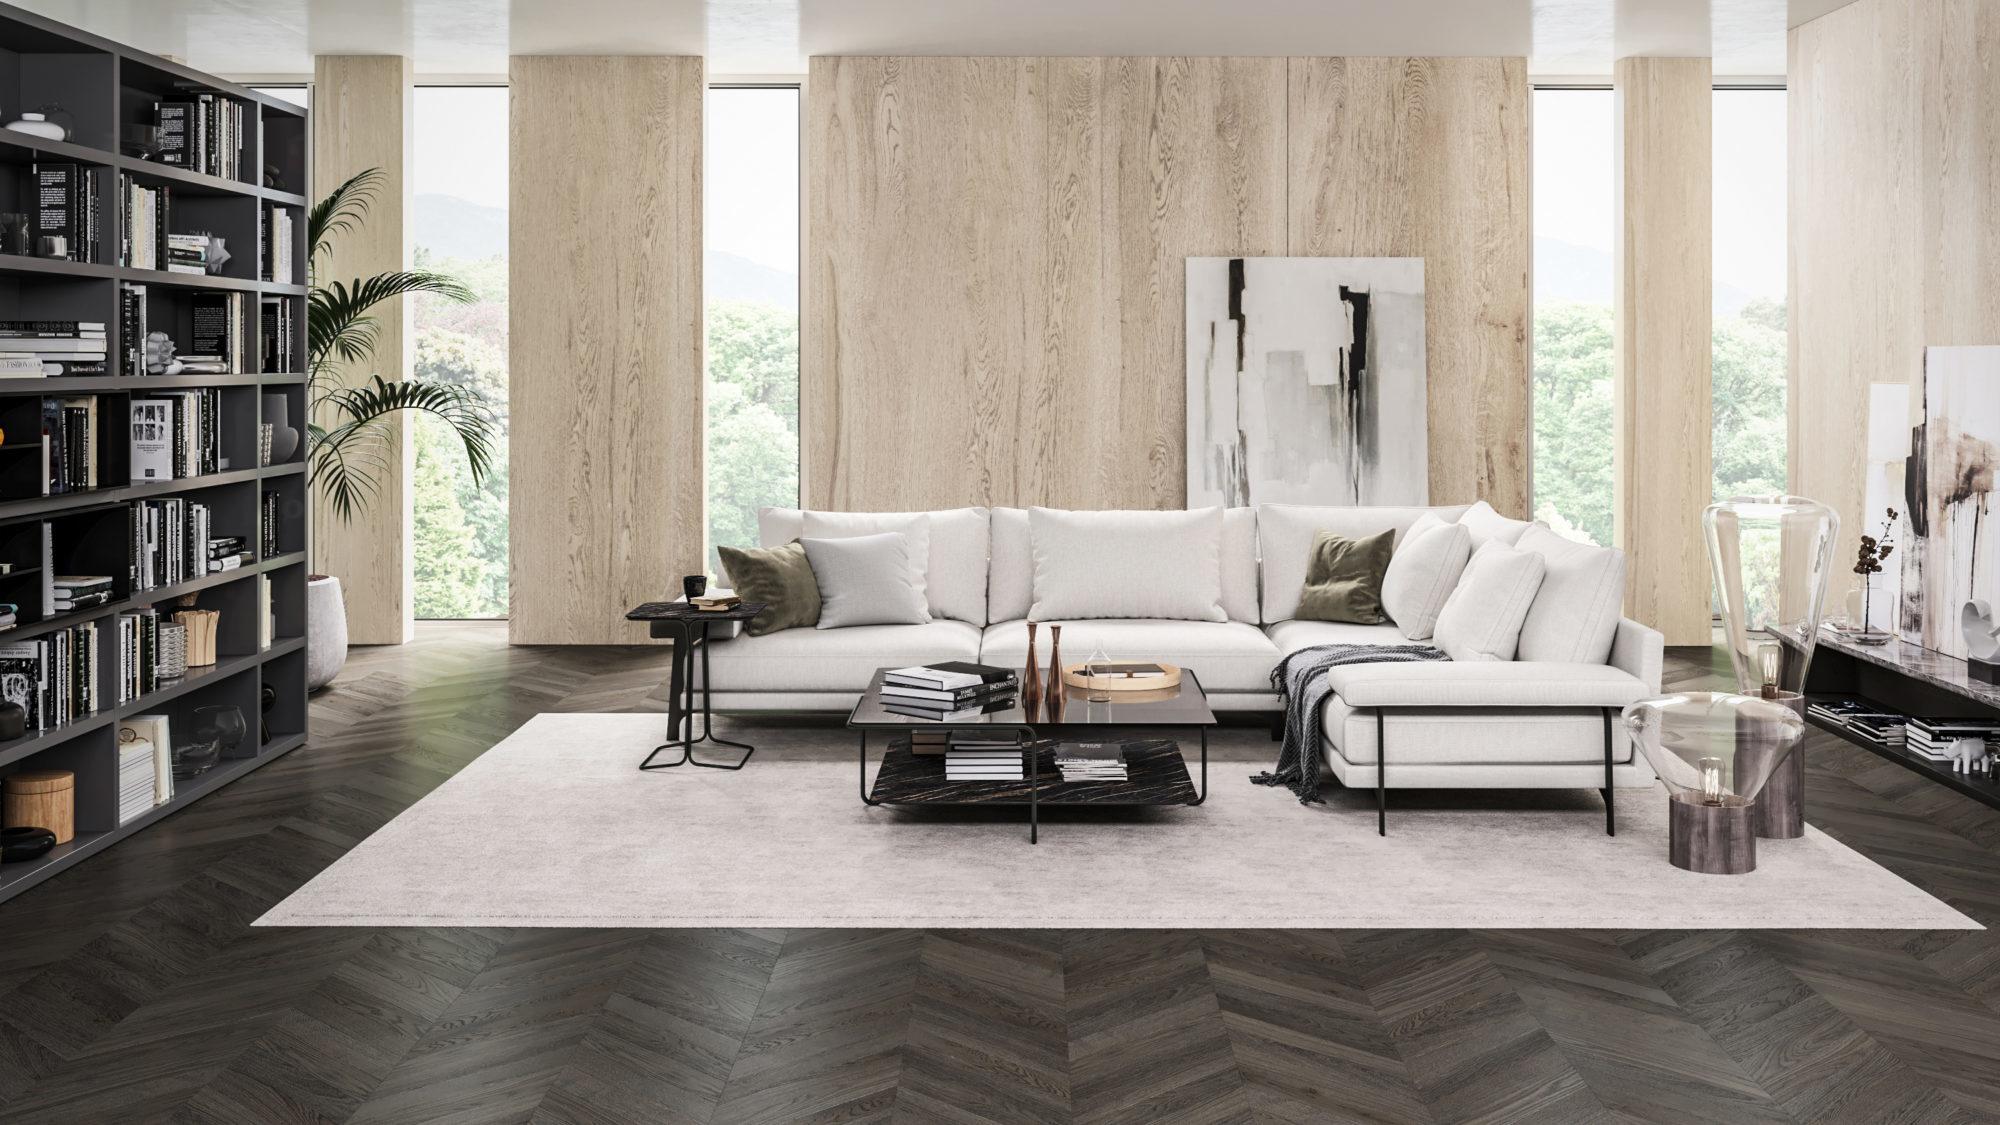 Sofa w centrum rodzinnego życia